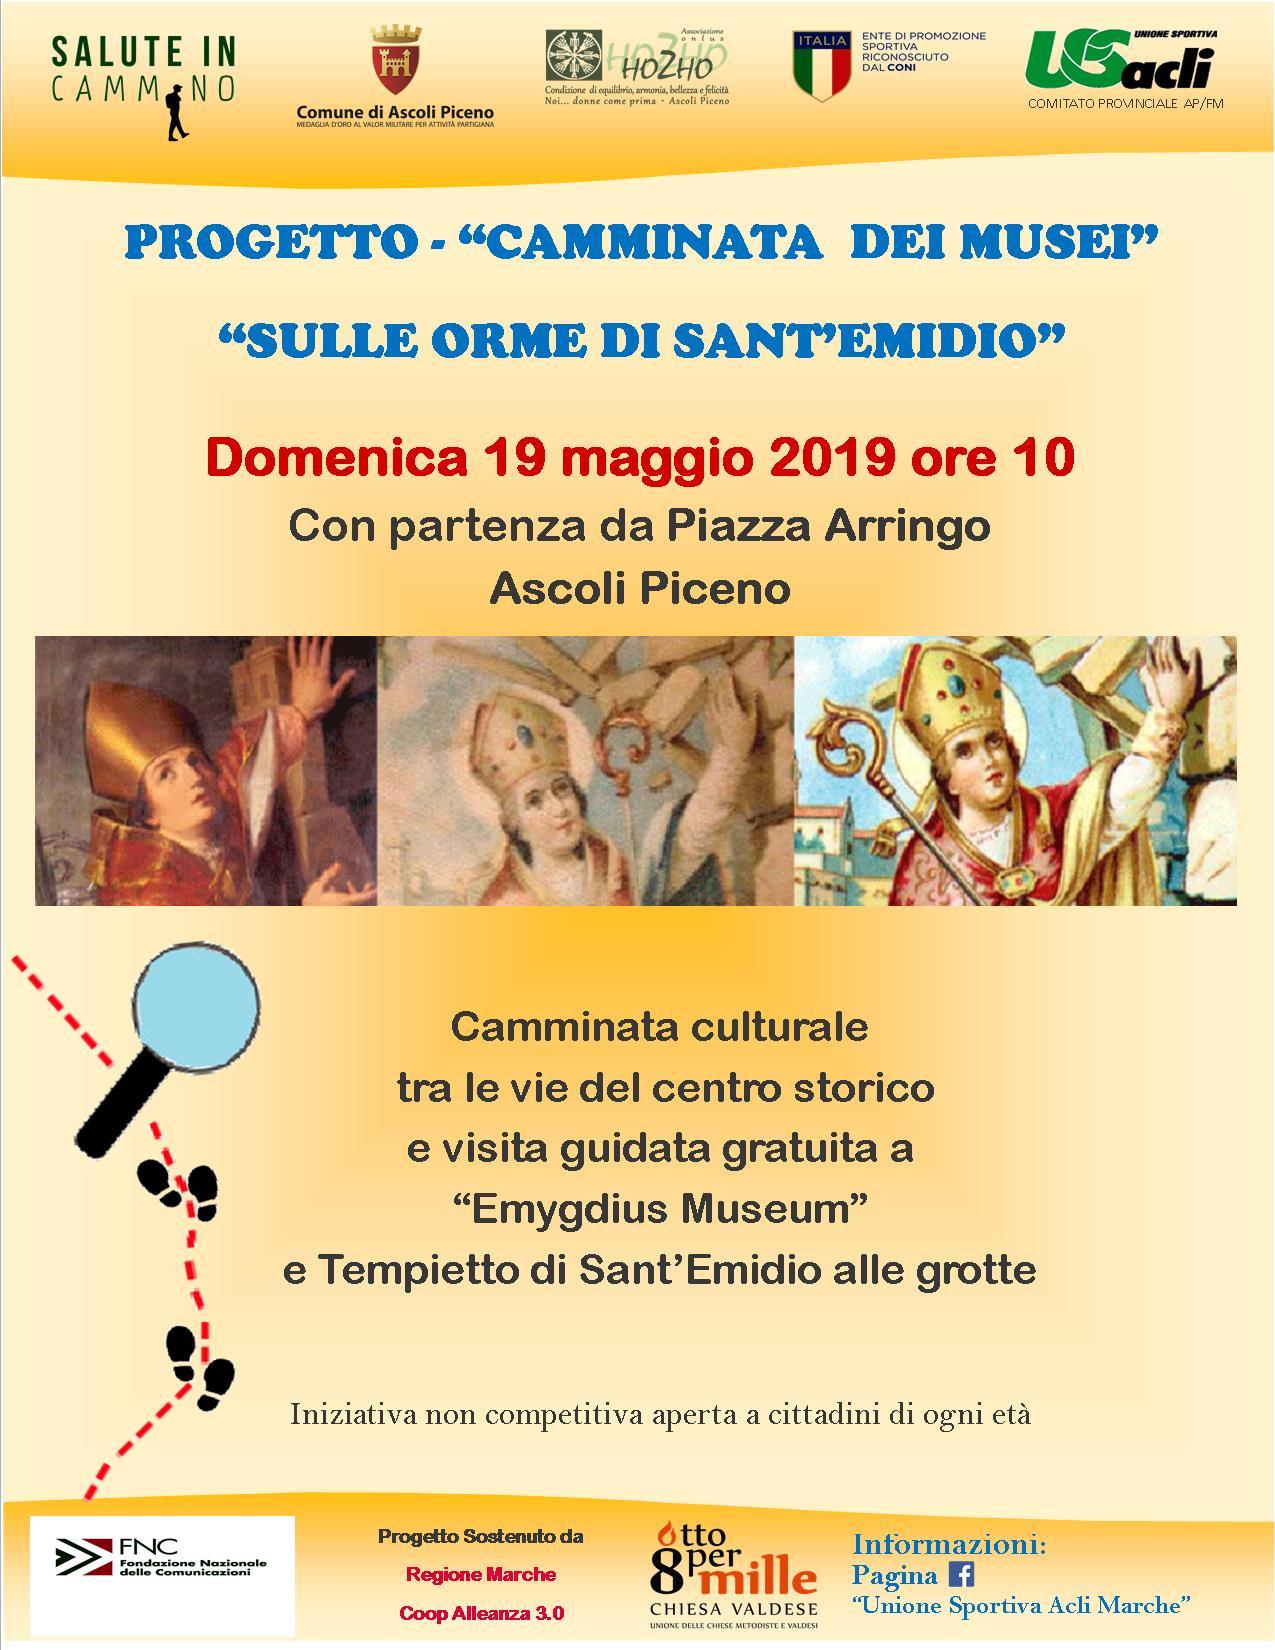 CAMMINATA DEI MUSEI 19.05.2019